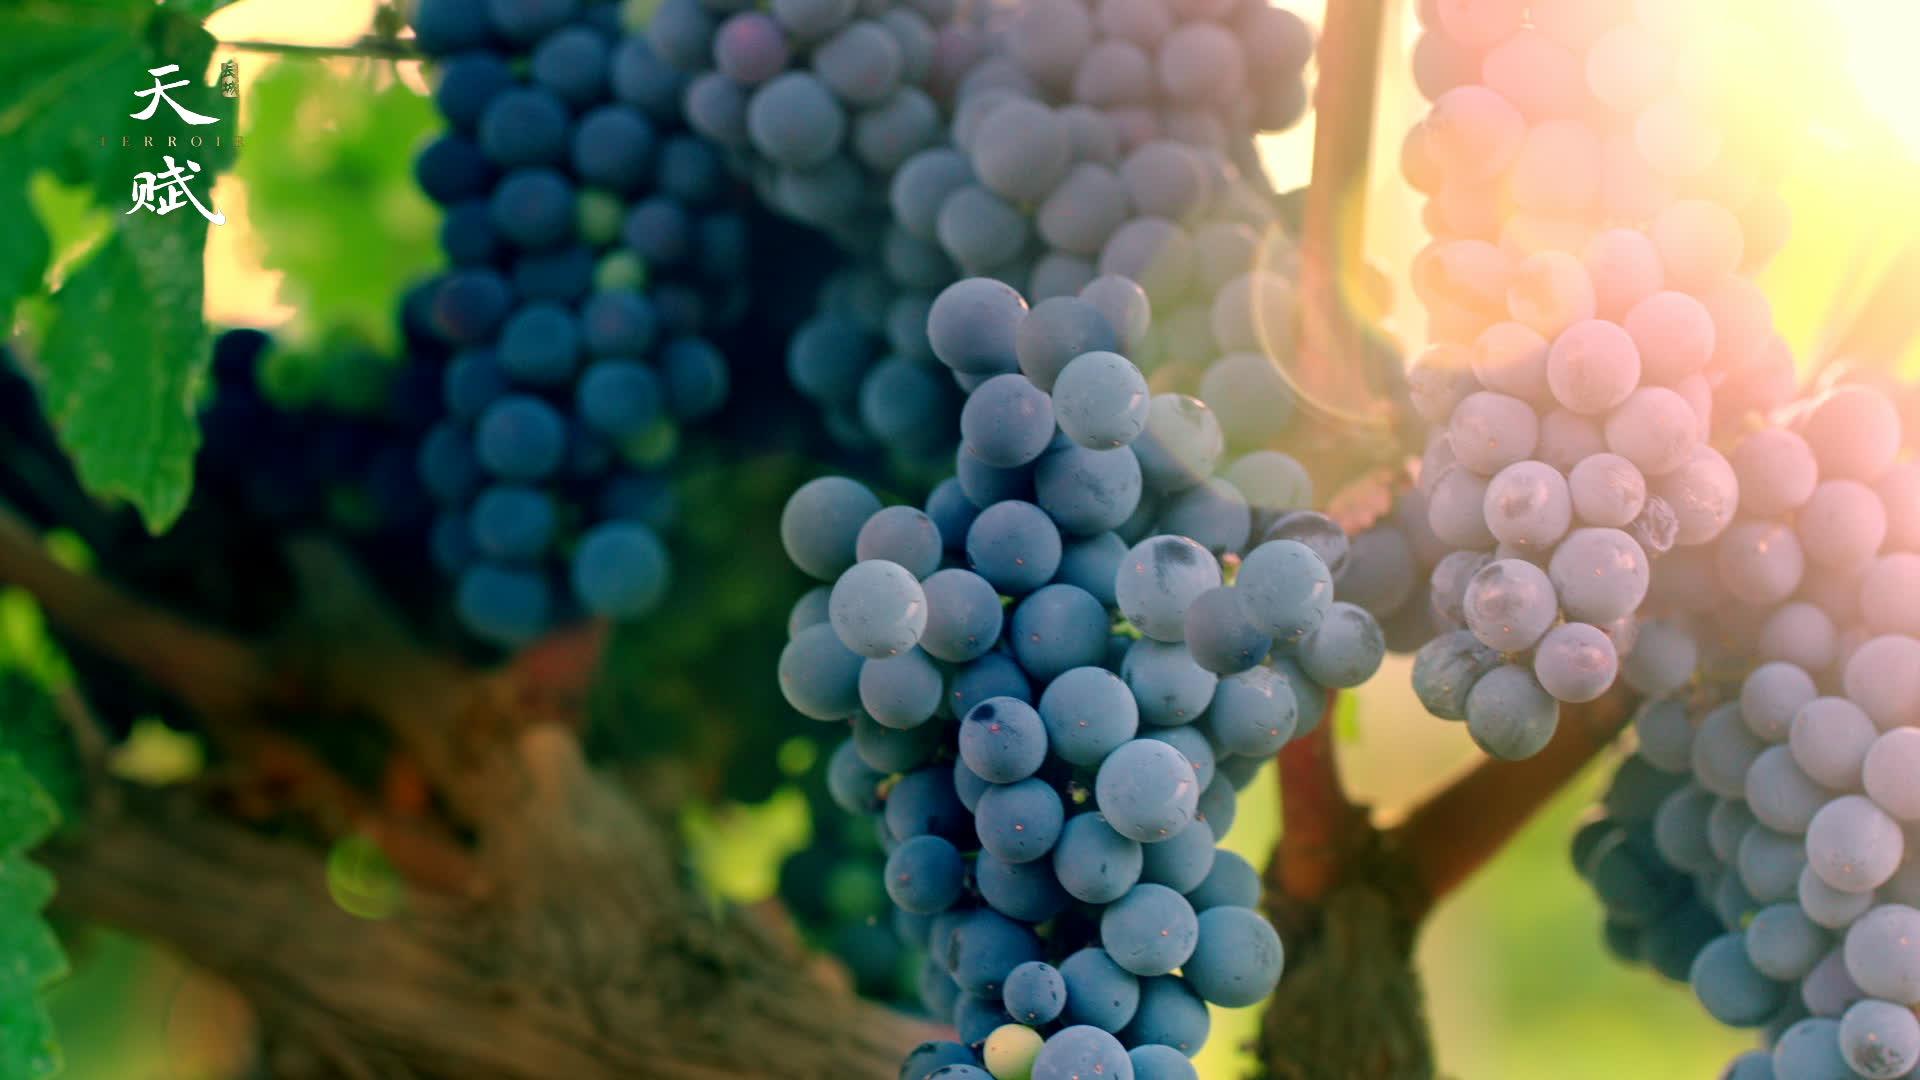 长城天赋葡萄酒